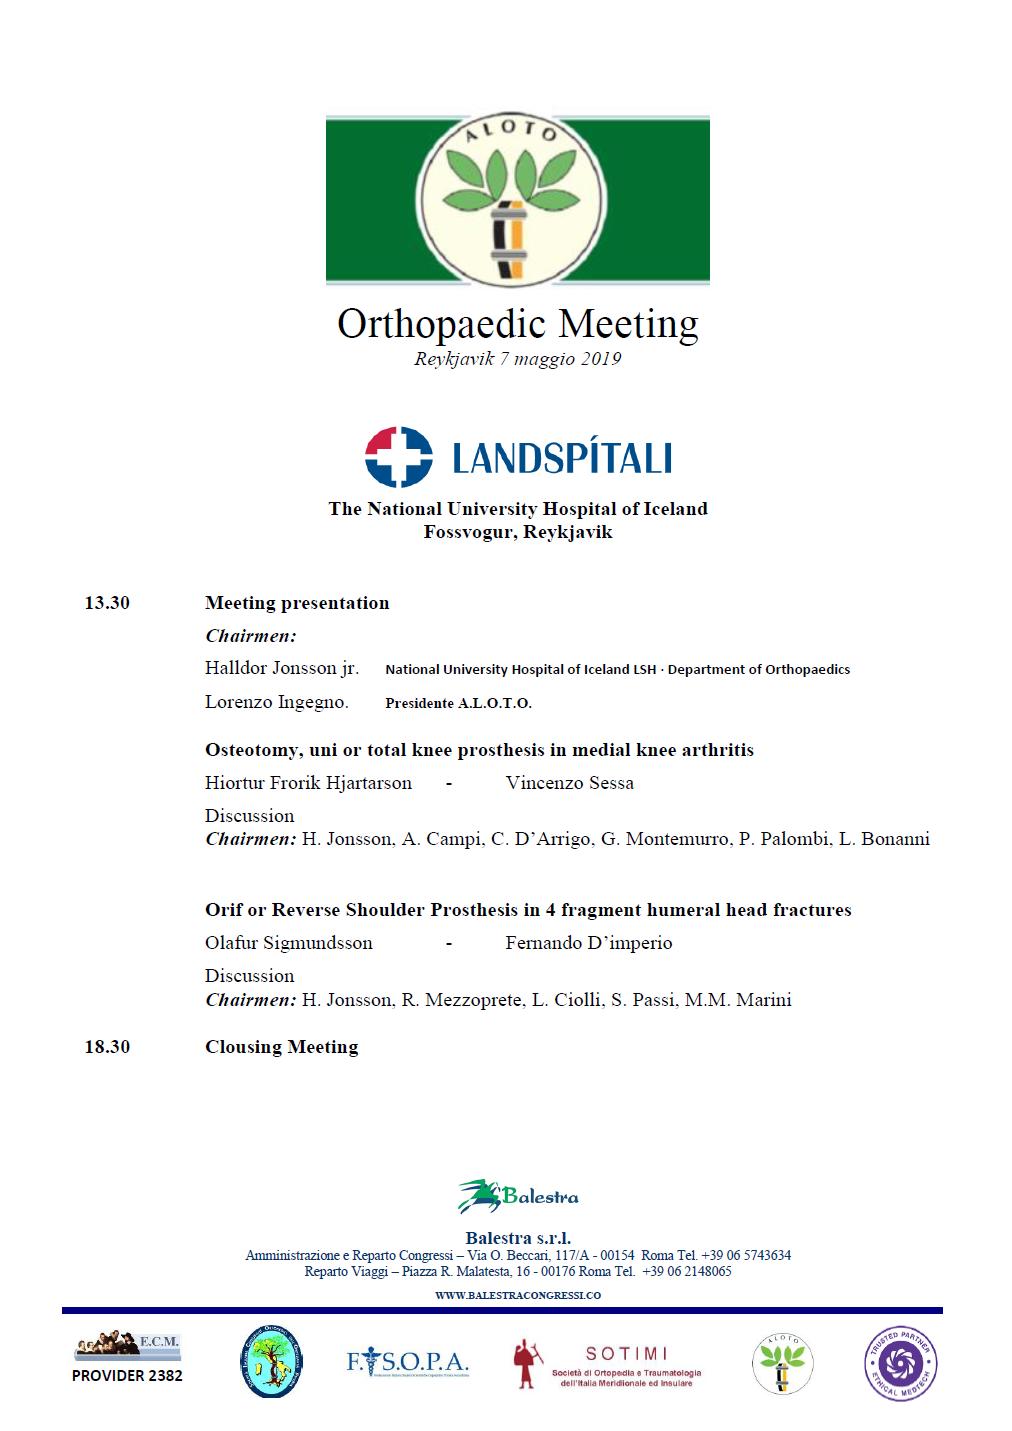 07 MAG | Orthopaedic Meeting - Reykjavik 2019